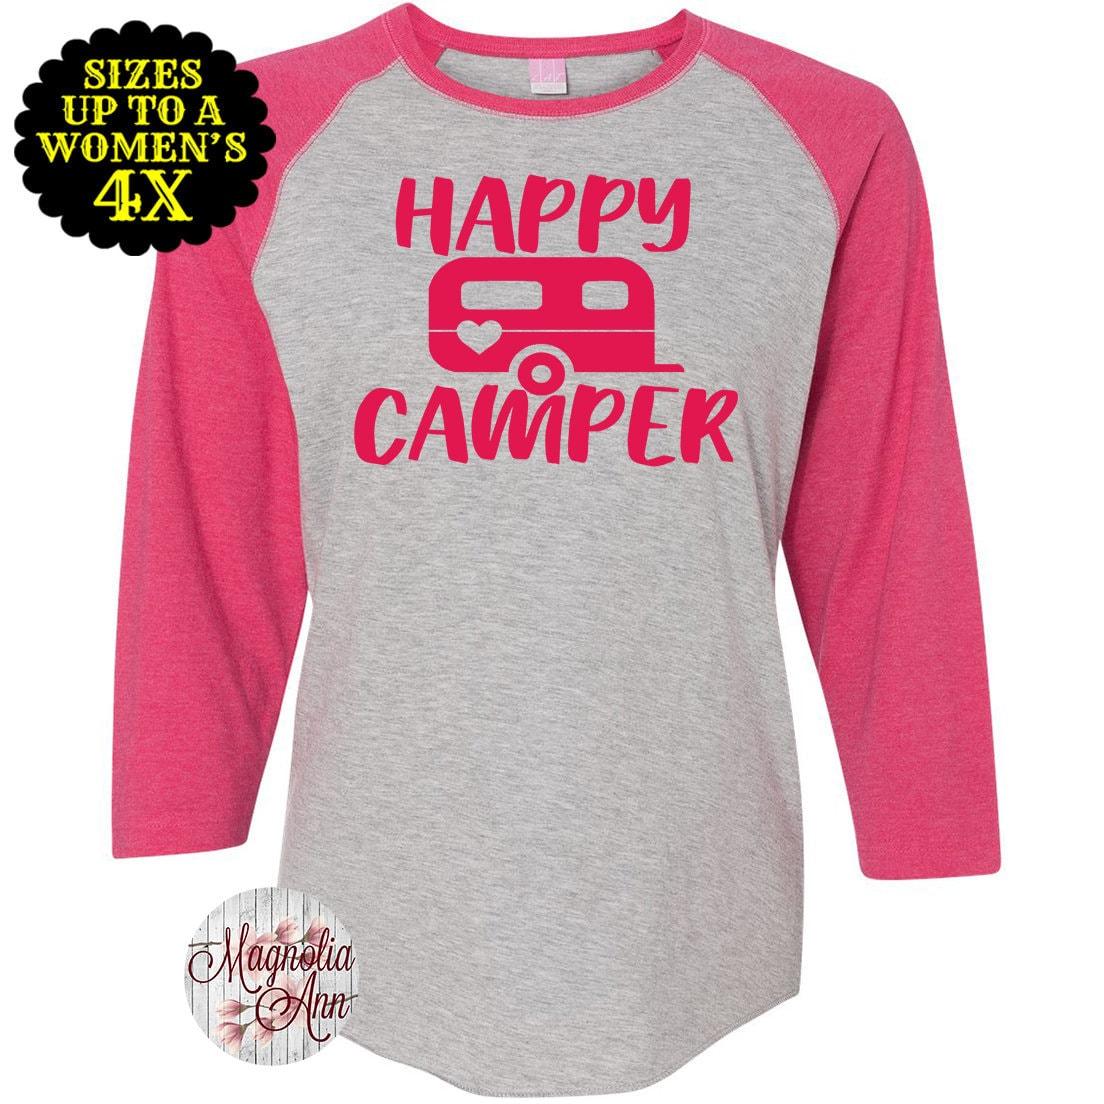 0d6e6f33 Happy Camper Shirt, Happy Camper Raglan, Camping Shirt, Plus ...